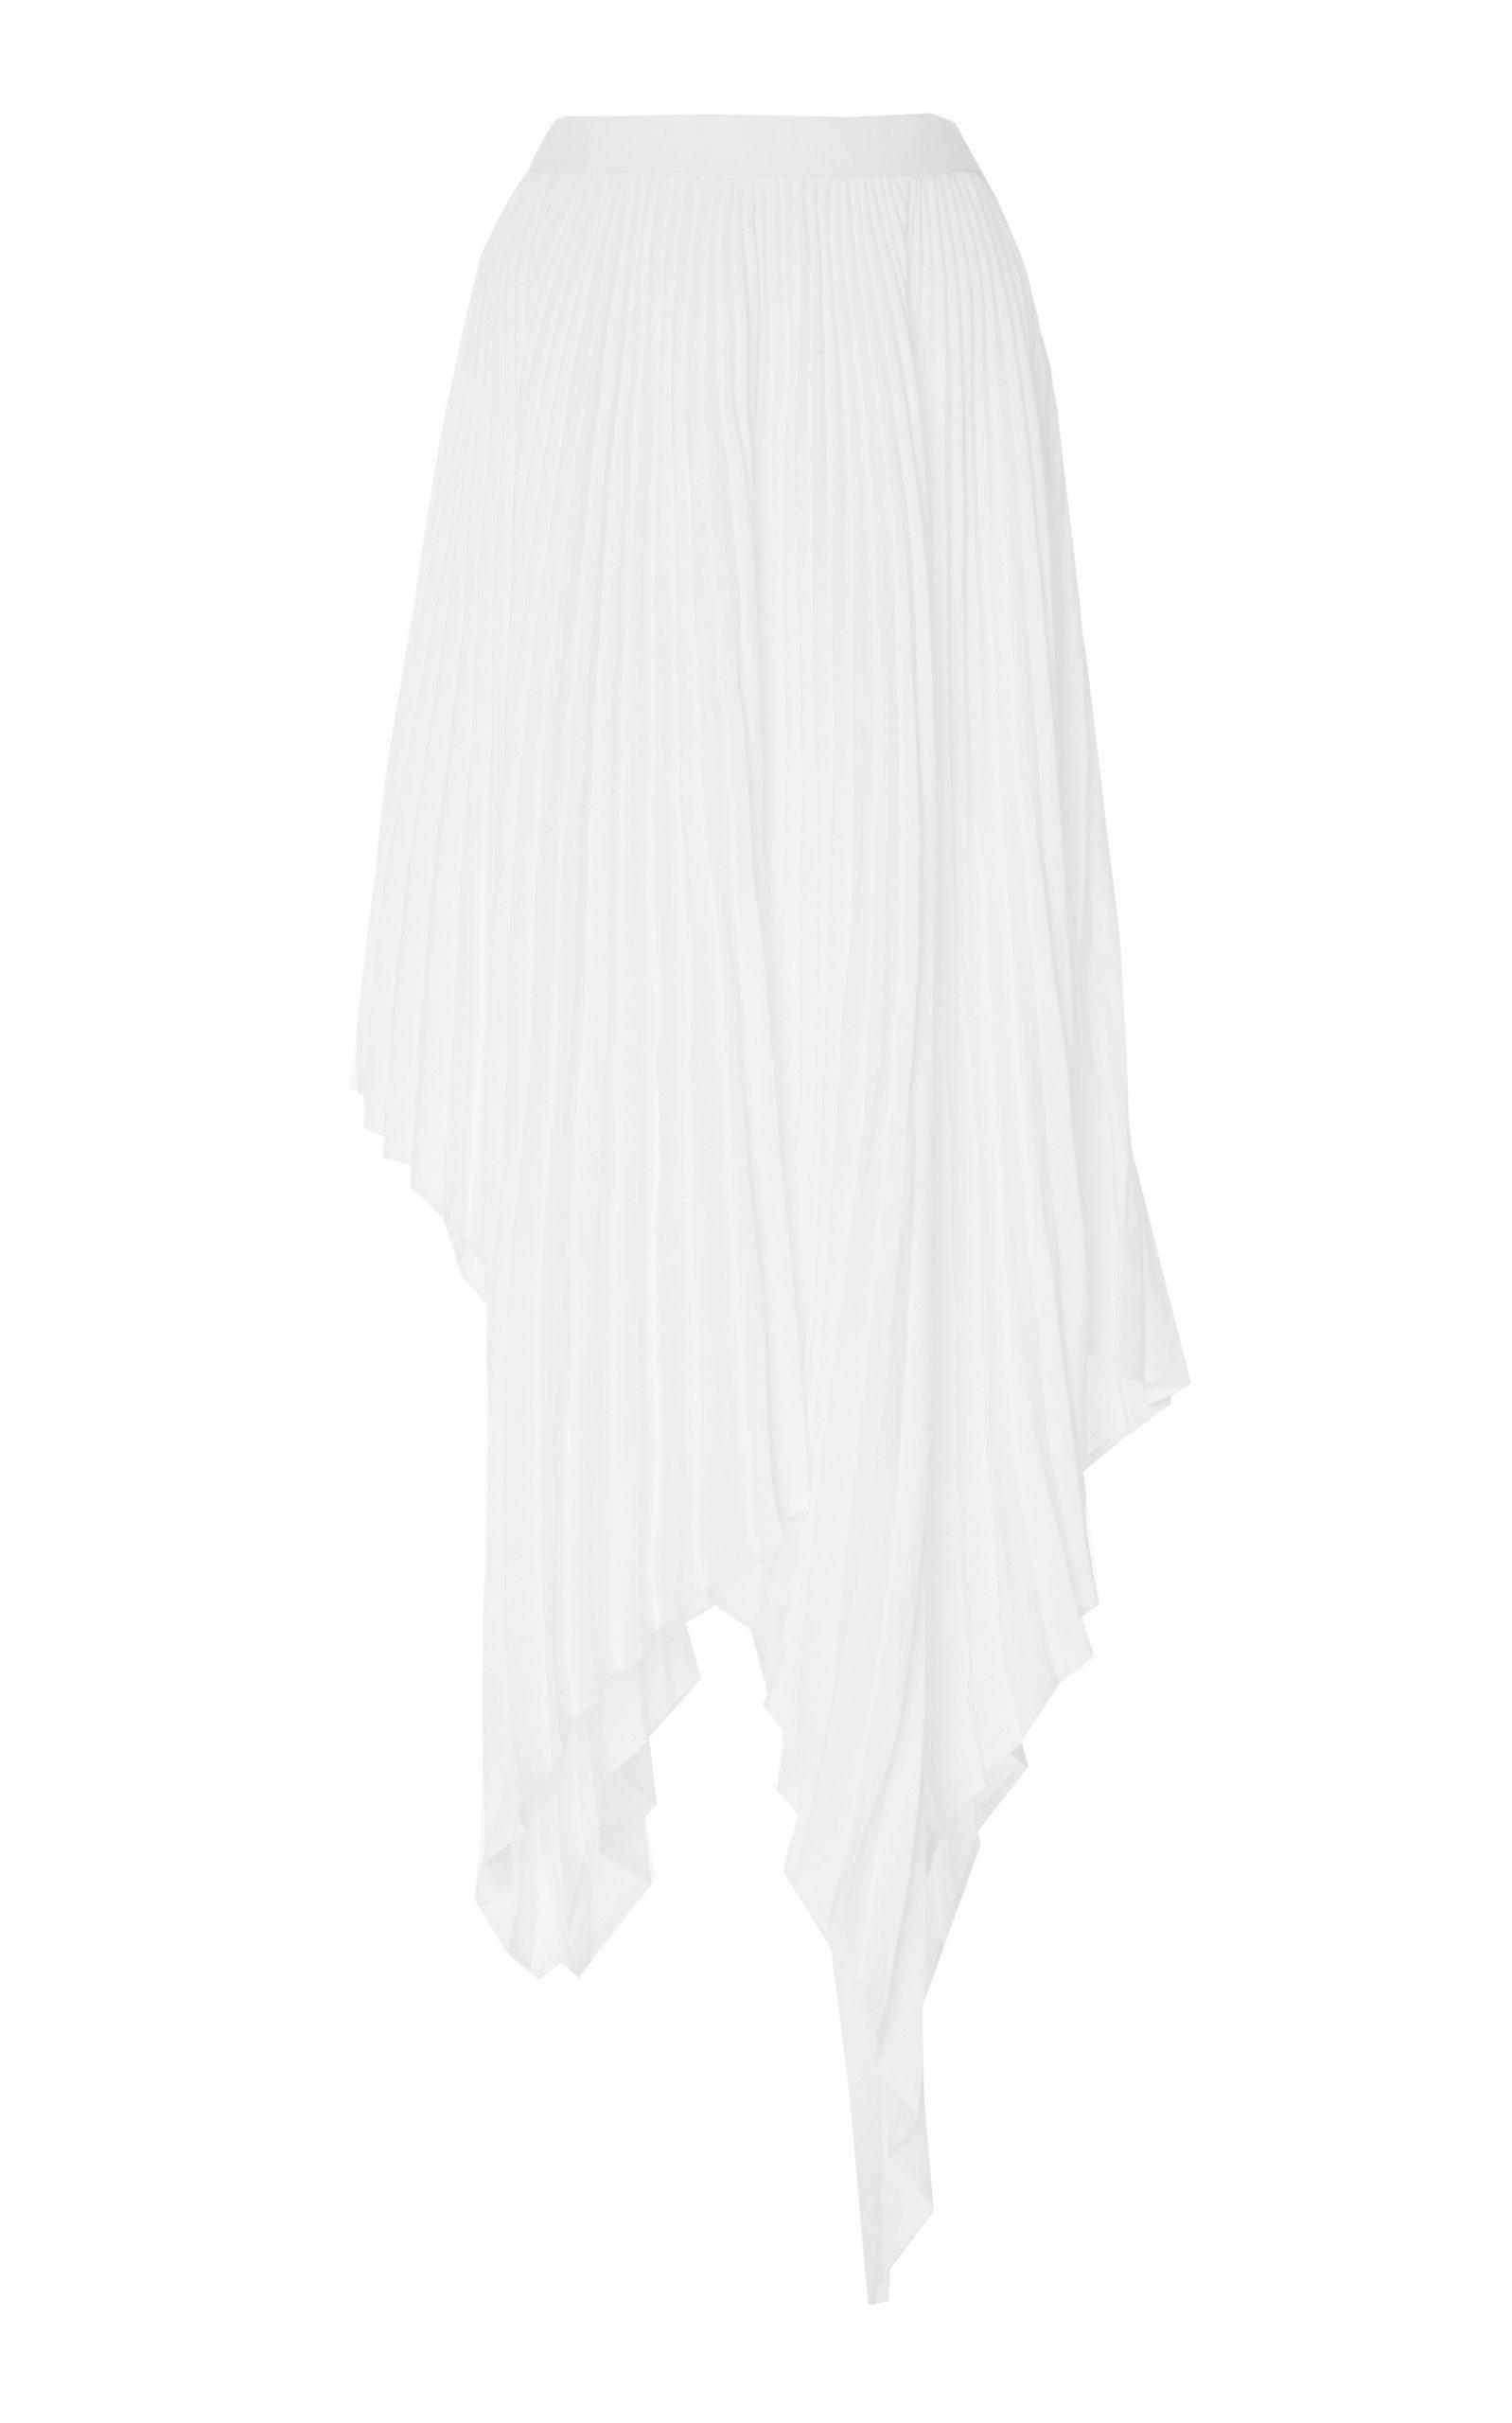 Pyer Moss High-low Plisse Napkin-hem Skirt In White